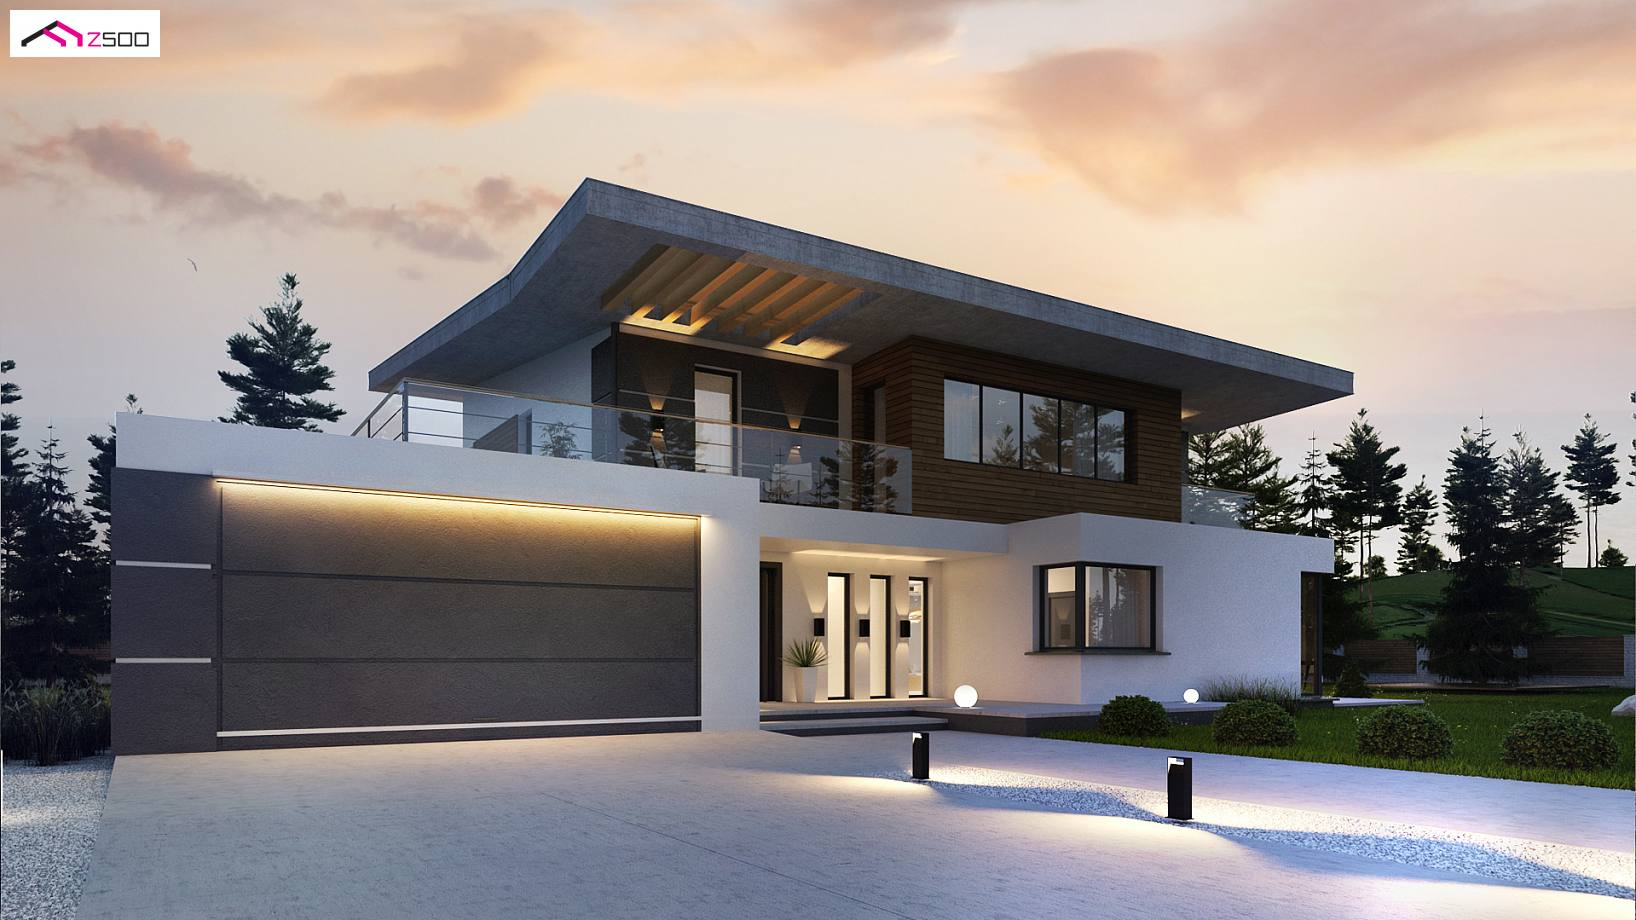 Projekt domu Zx22 Nowoczesny piętrowy dom z garażem oraz tarasem, sypialnia na parterze z łazienką